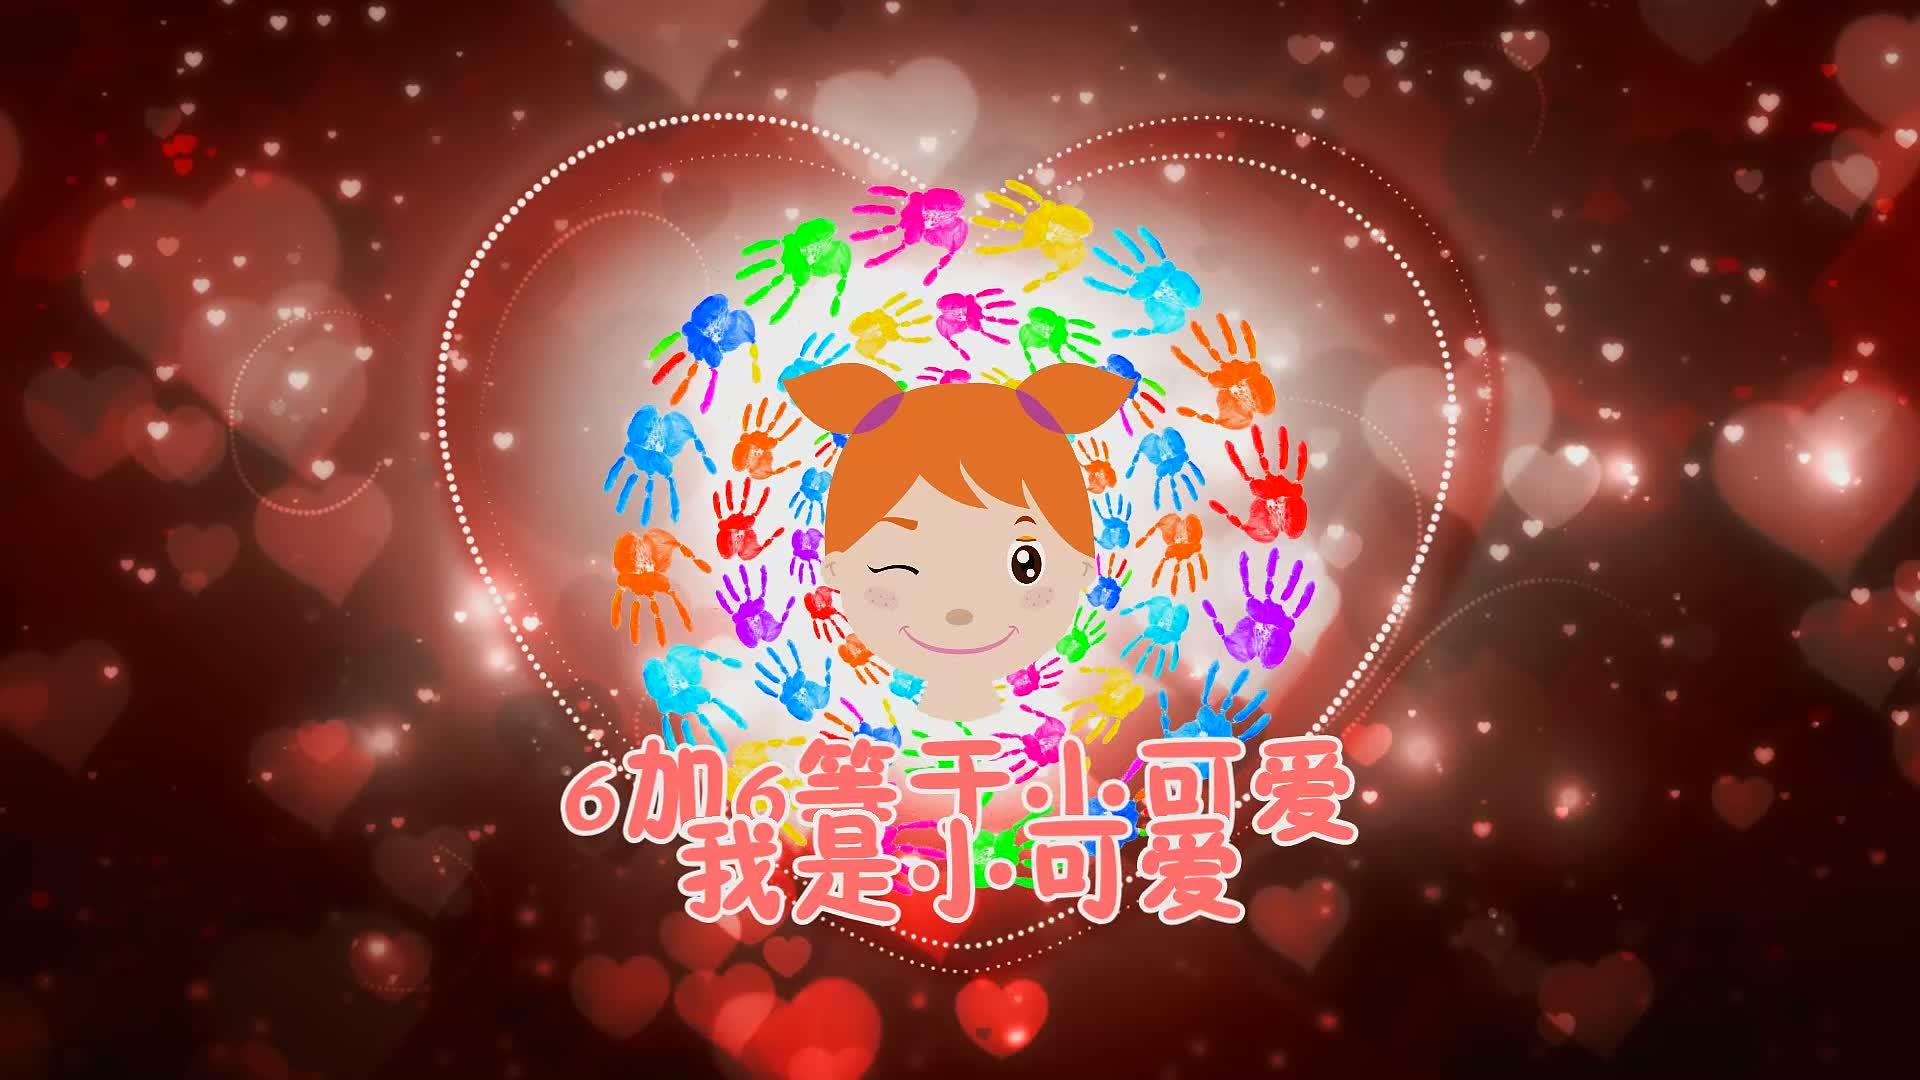 配乐成品 可爱颂 儿童歌曲 韩语神曲